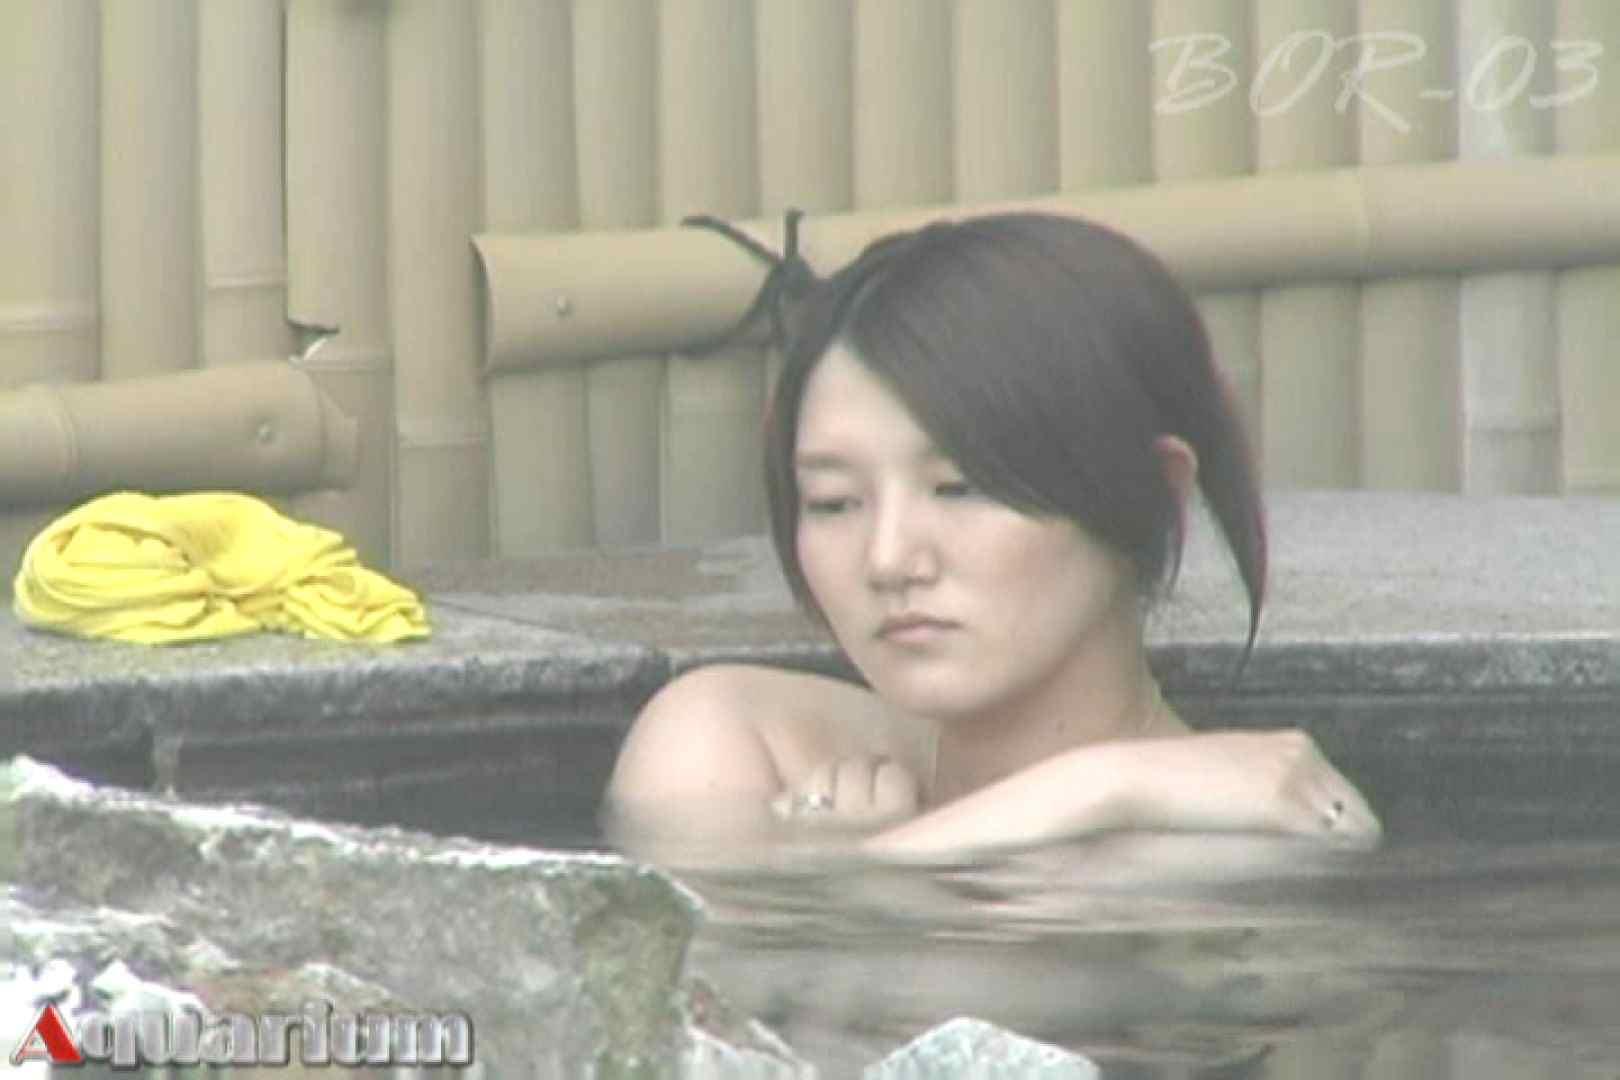 Aquaな露天風呂Vol.487 OLのエロ生活  95連発 75